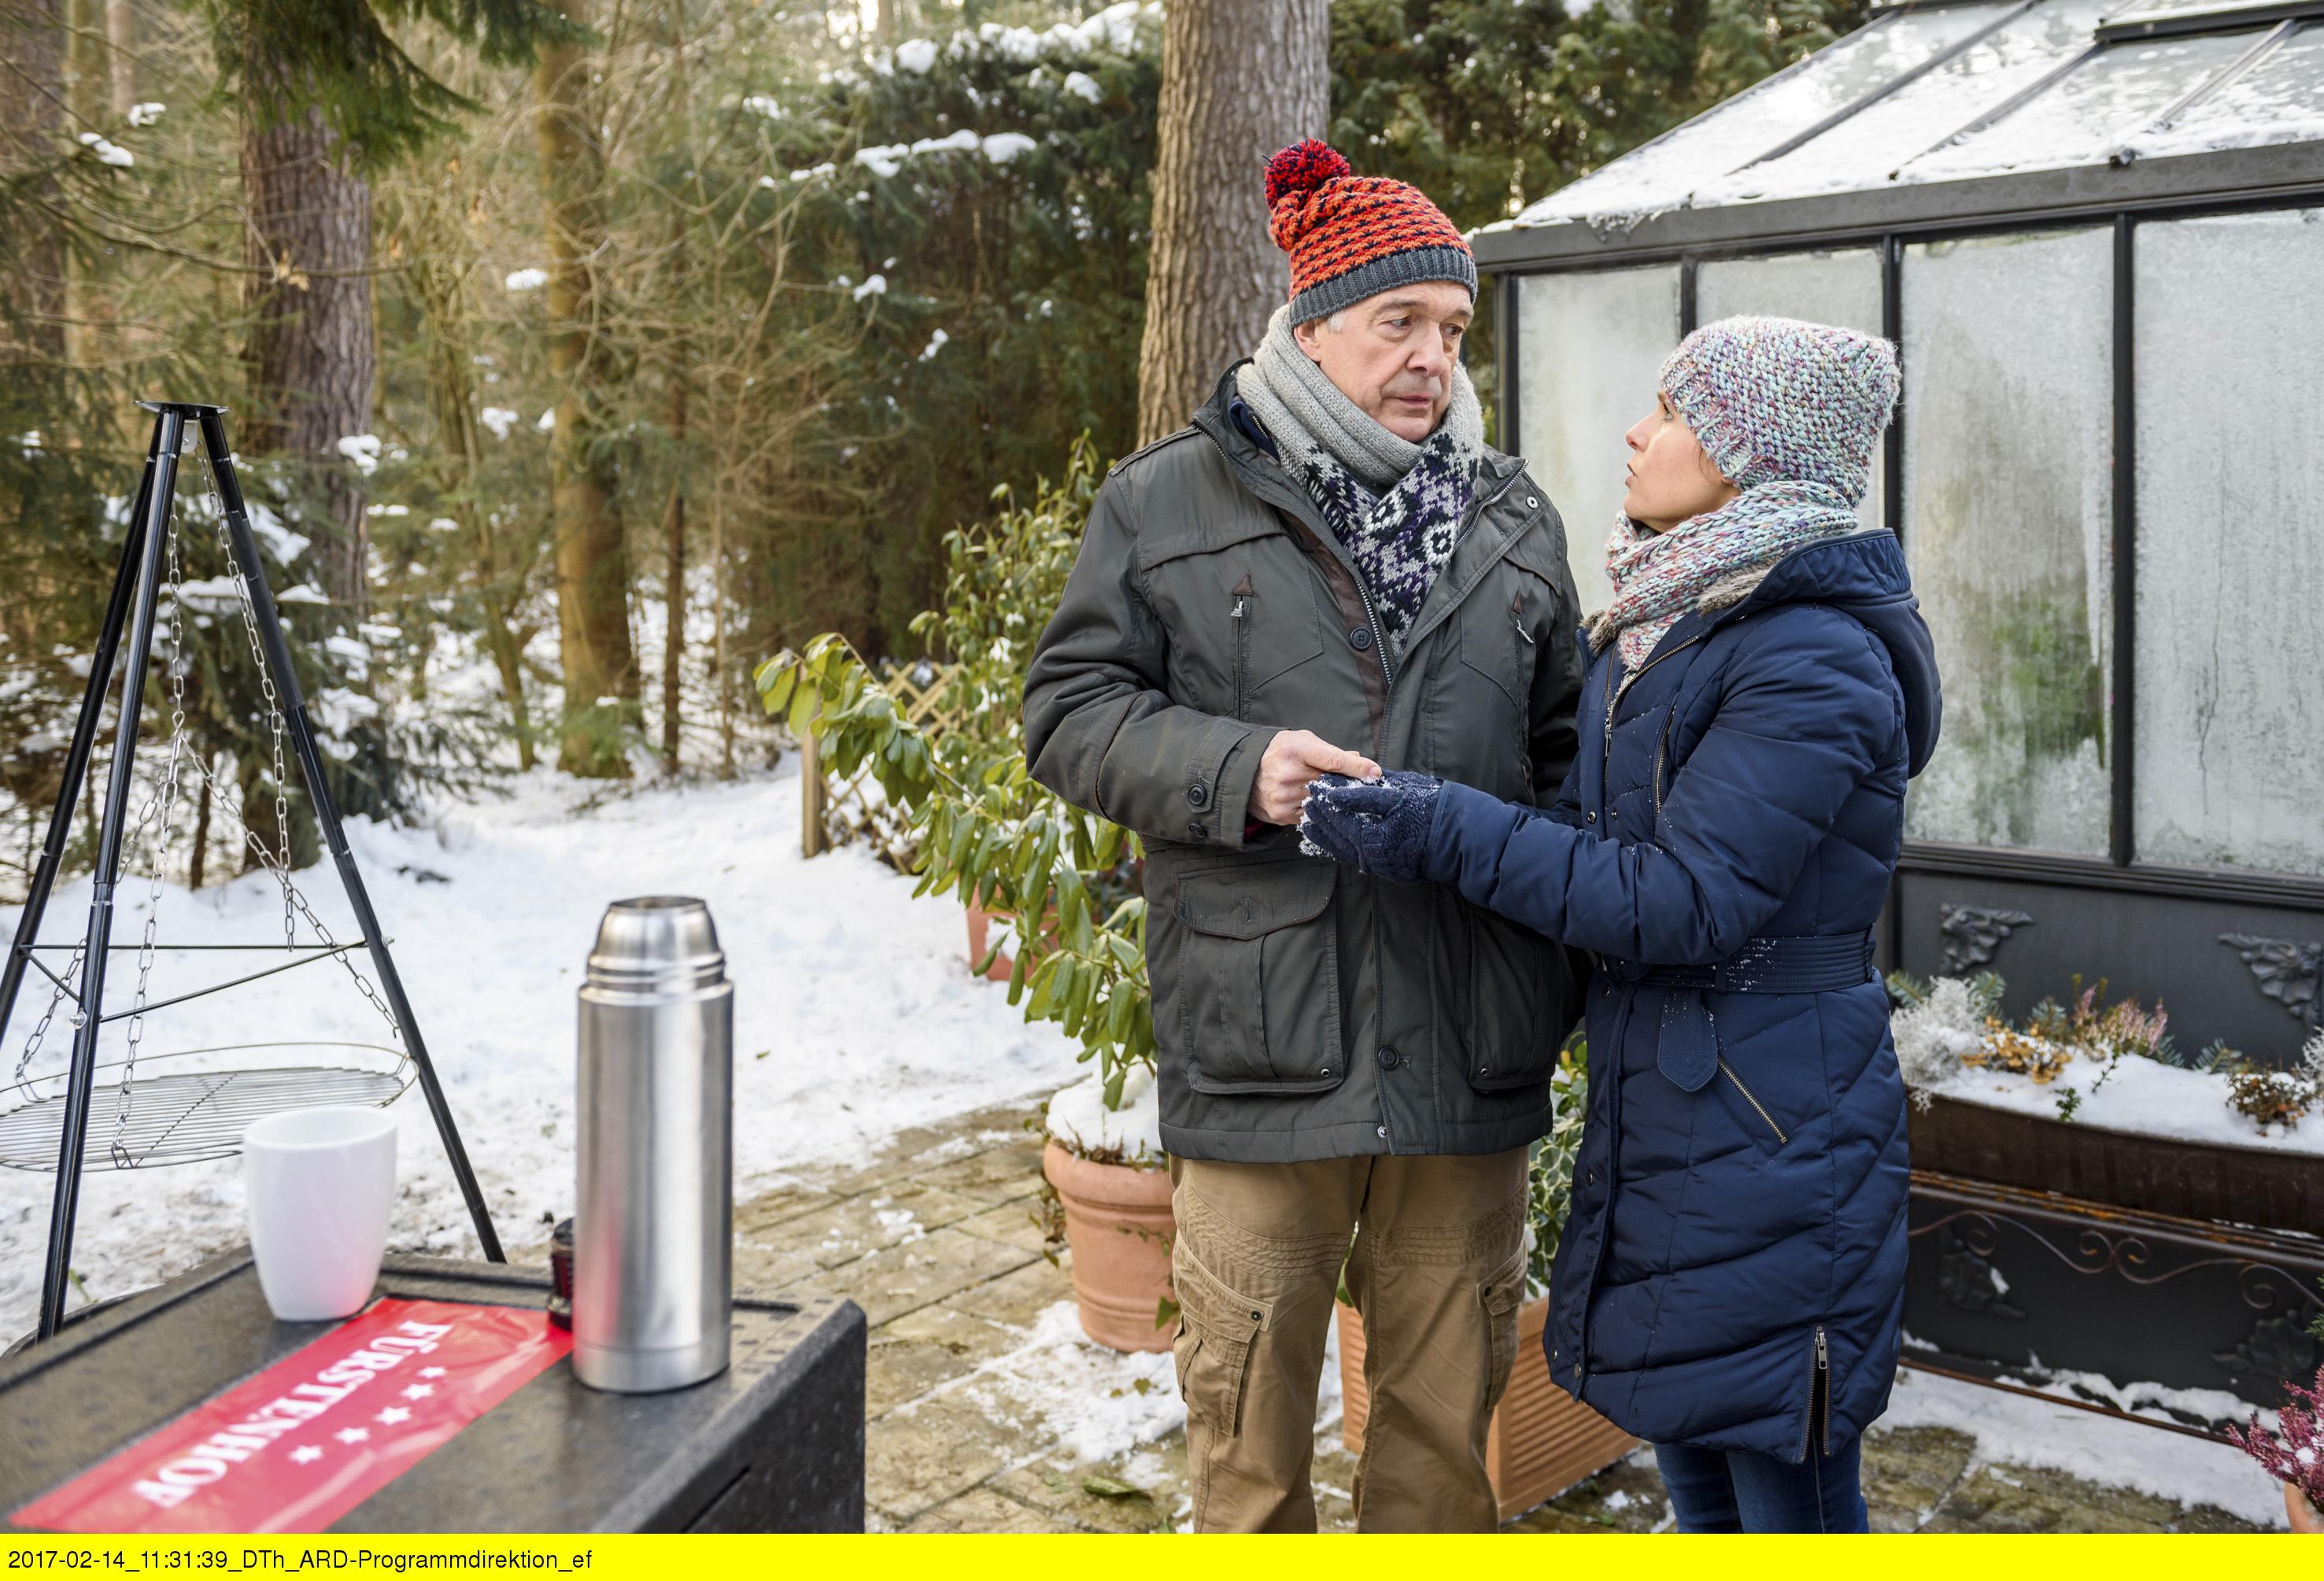 ARD STURM DER LIEBE FOLGE 2658, am Donnerstag (30.03.17) um 15:10 Uhr im ERSTEN. André (Joachim Lätsch l) beichtet Melli (Bojana Golenac, r.), dass er sich vor Gertis Voodoo-Zauber fürchtet. (Quelle: ARD/Christof Arnold)